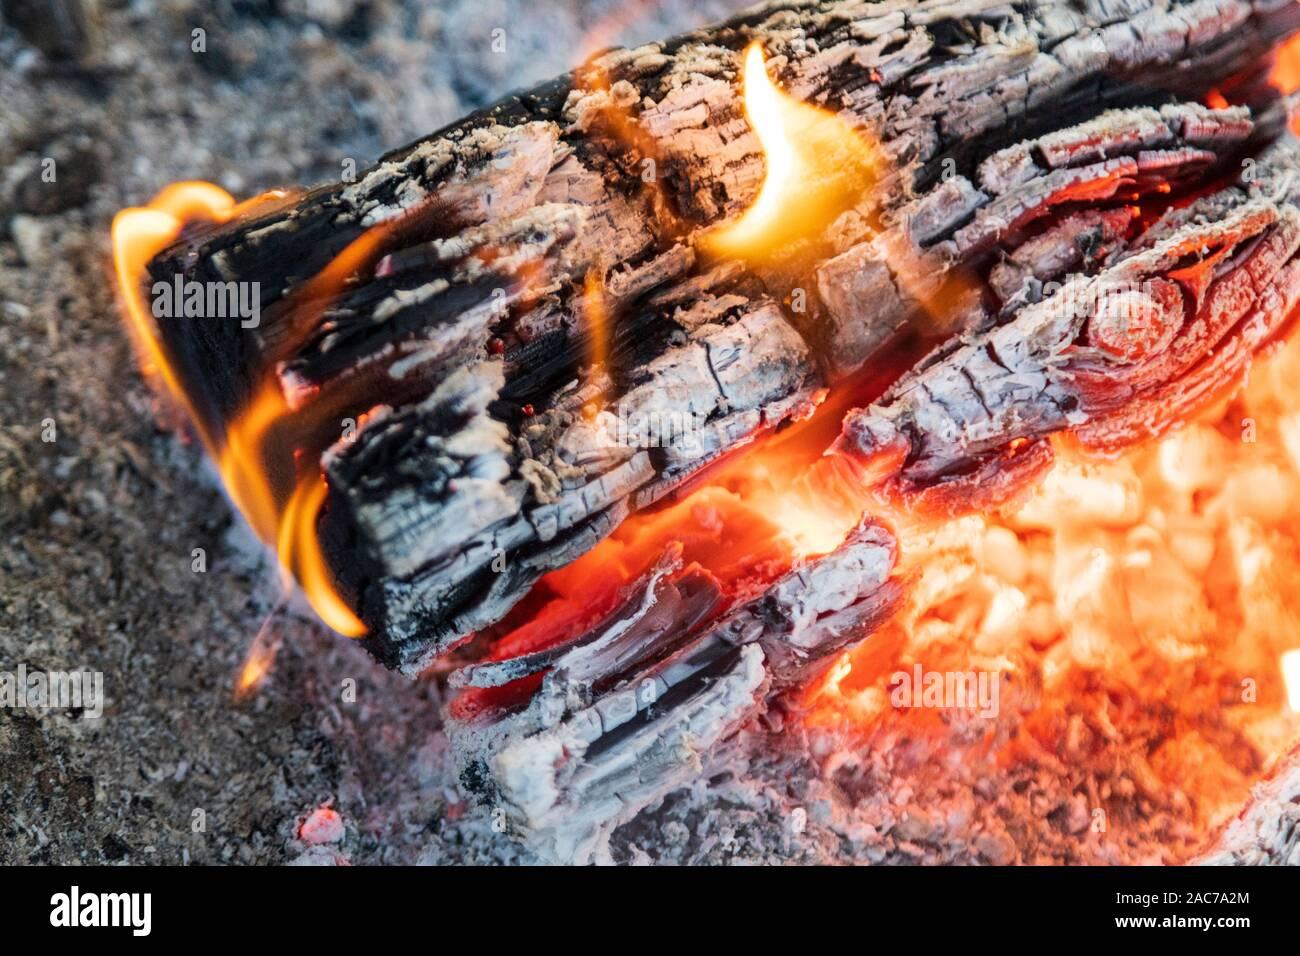 Red Hot resplandeciente fogata, sentimiento hygge Foto de stock